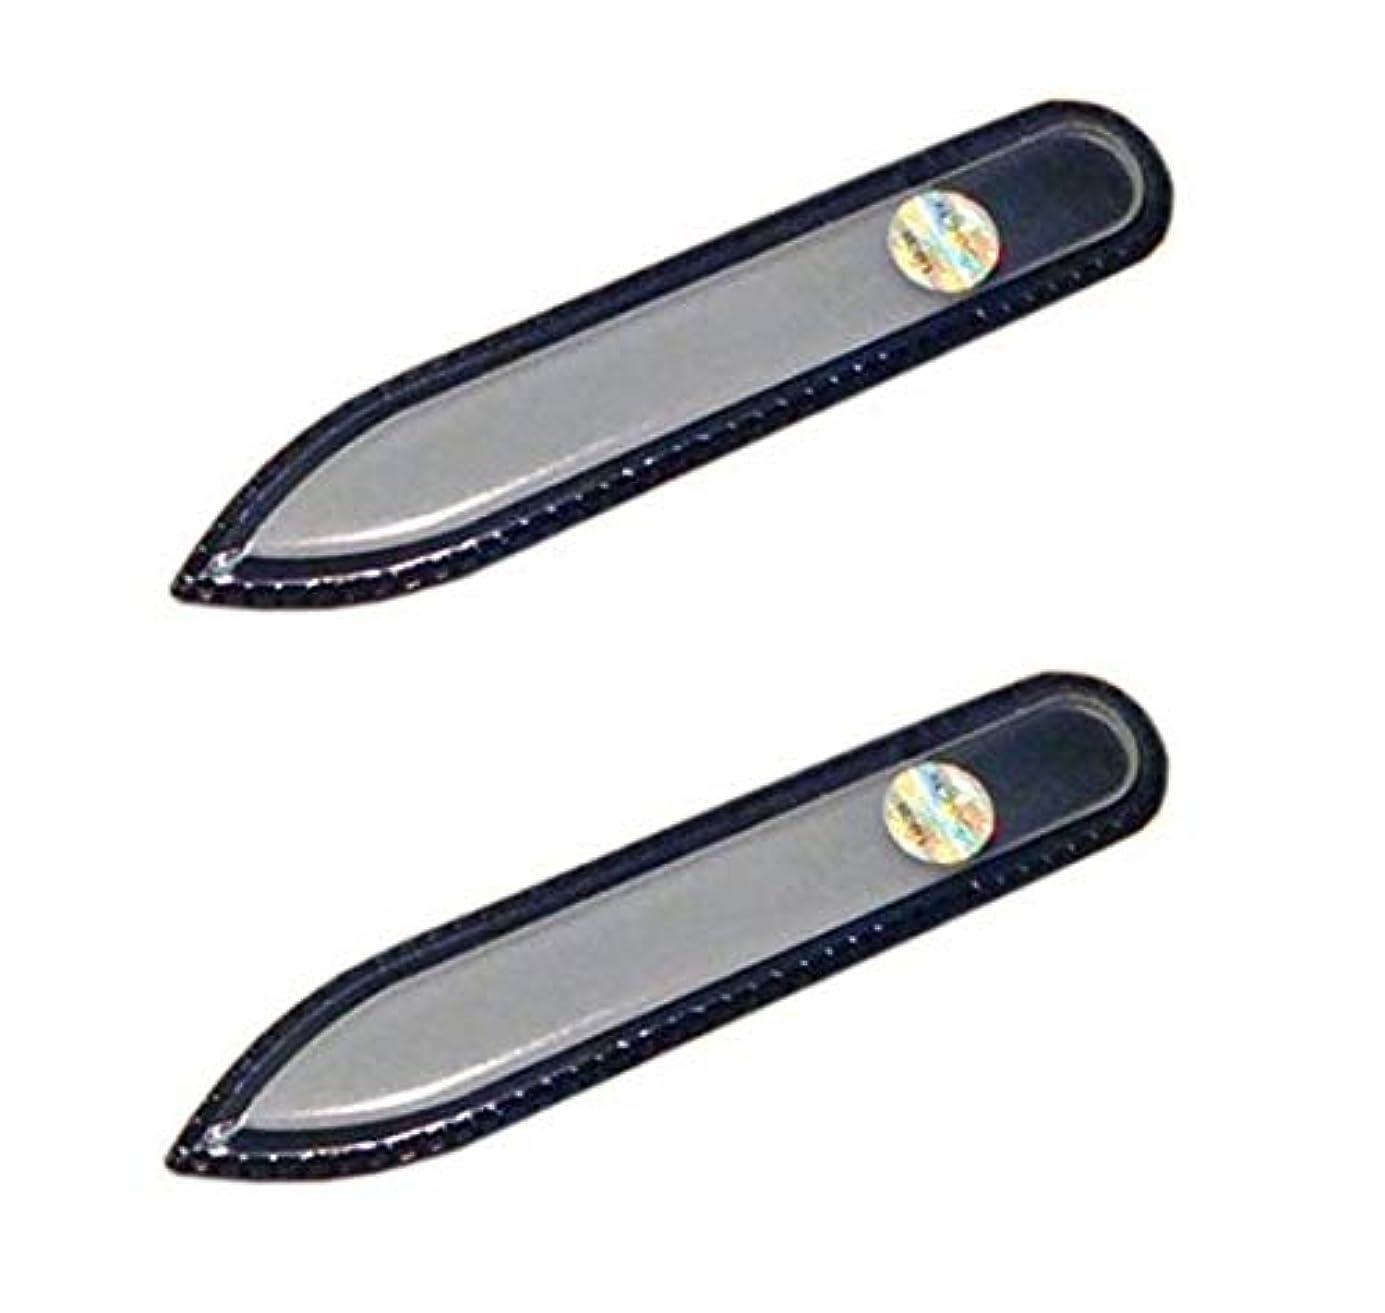 ラフト優遇遠洋のブラジェク ガラス爪やすり 90mm 両面タイプ (ブラジェク ガラス爪やすり 90mm 両面タイプ 2個セット)